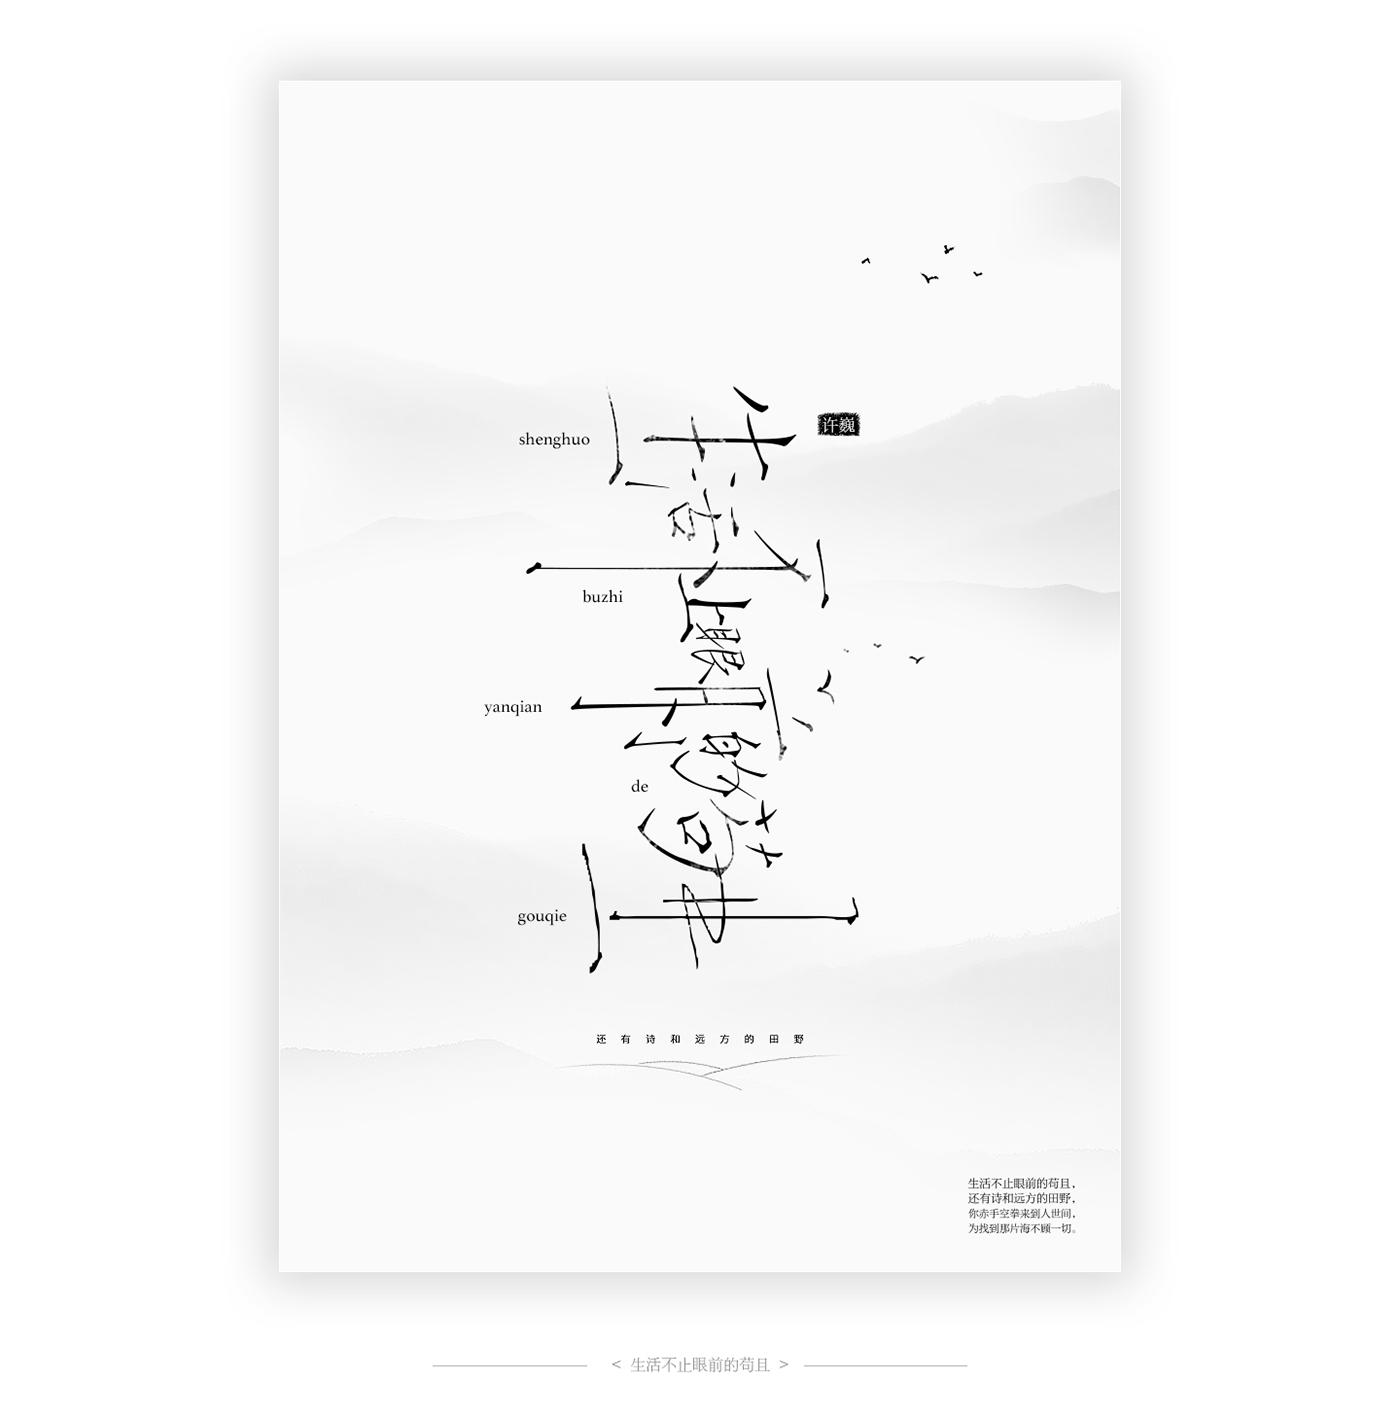 字体设计 字体 fonts